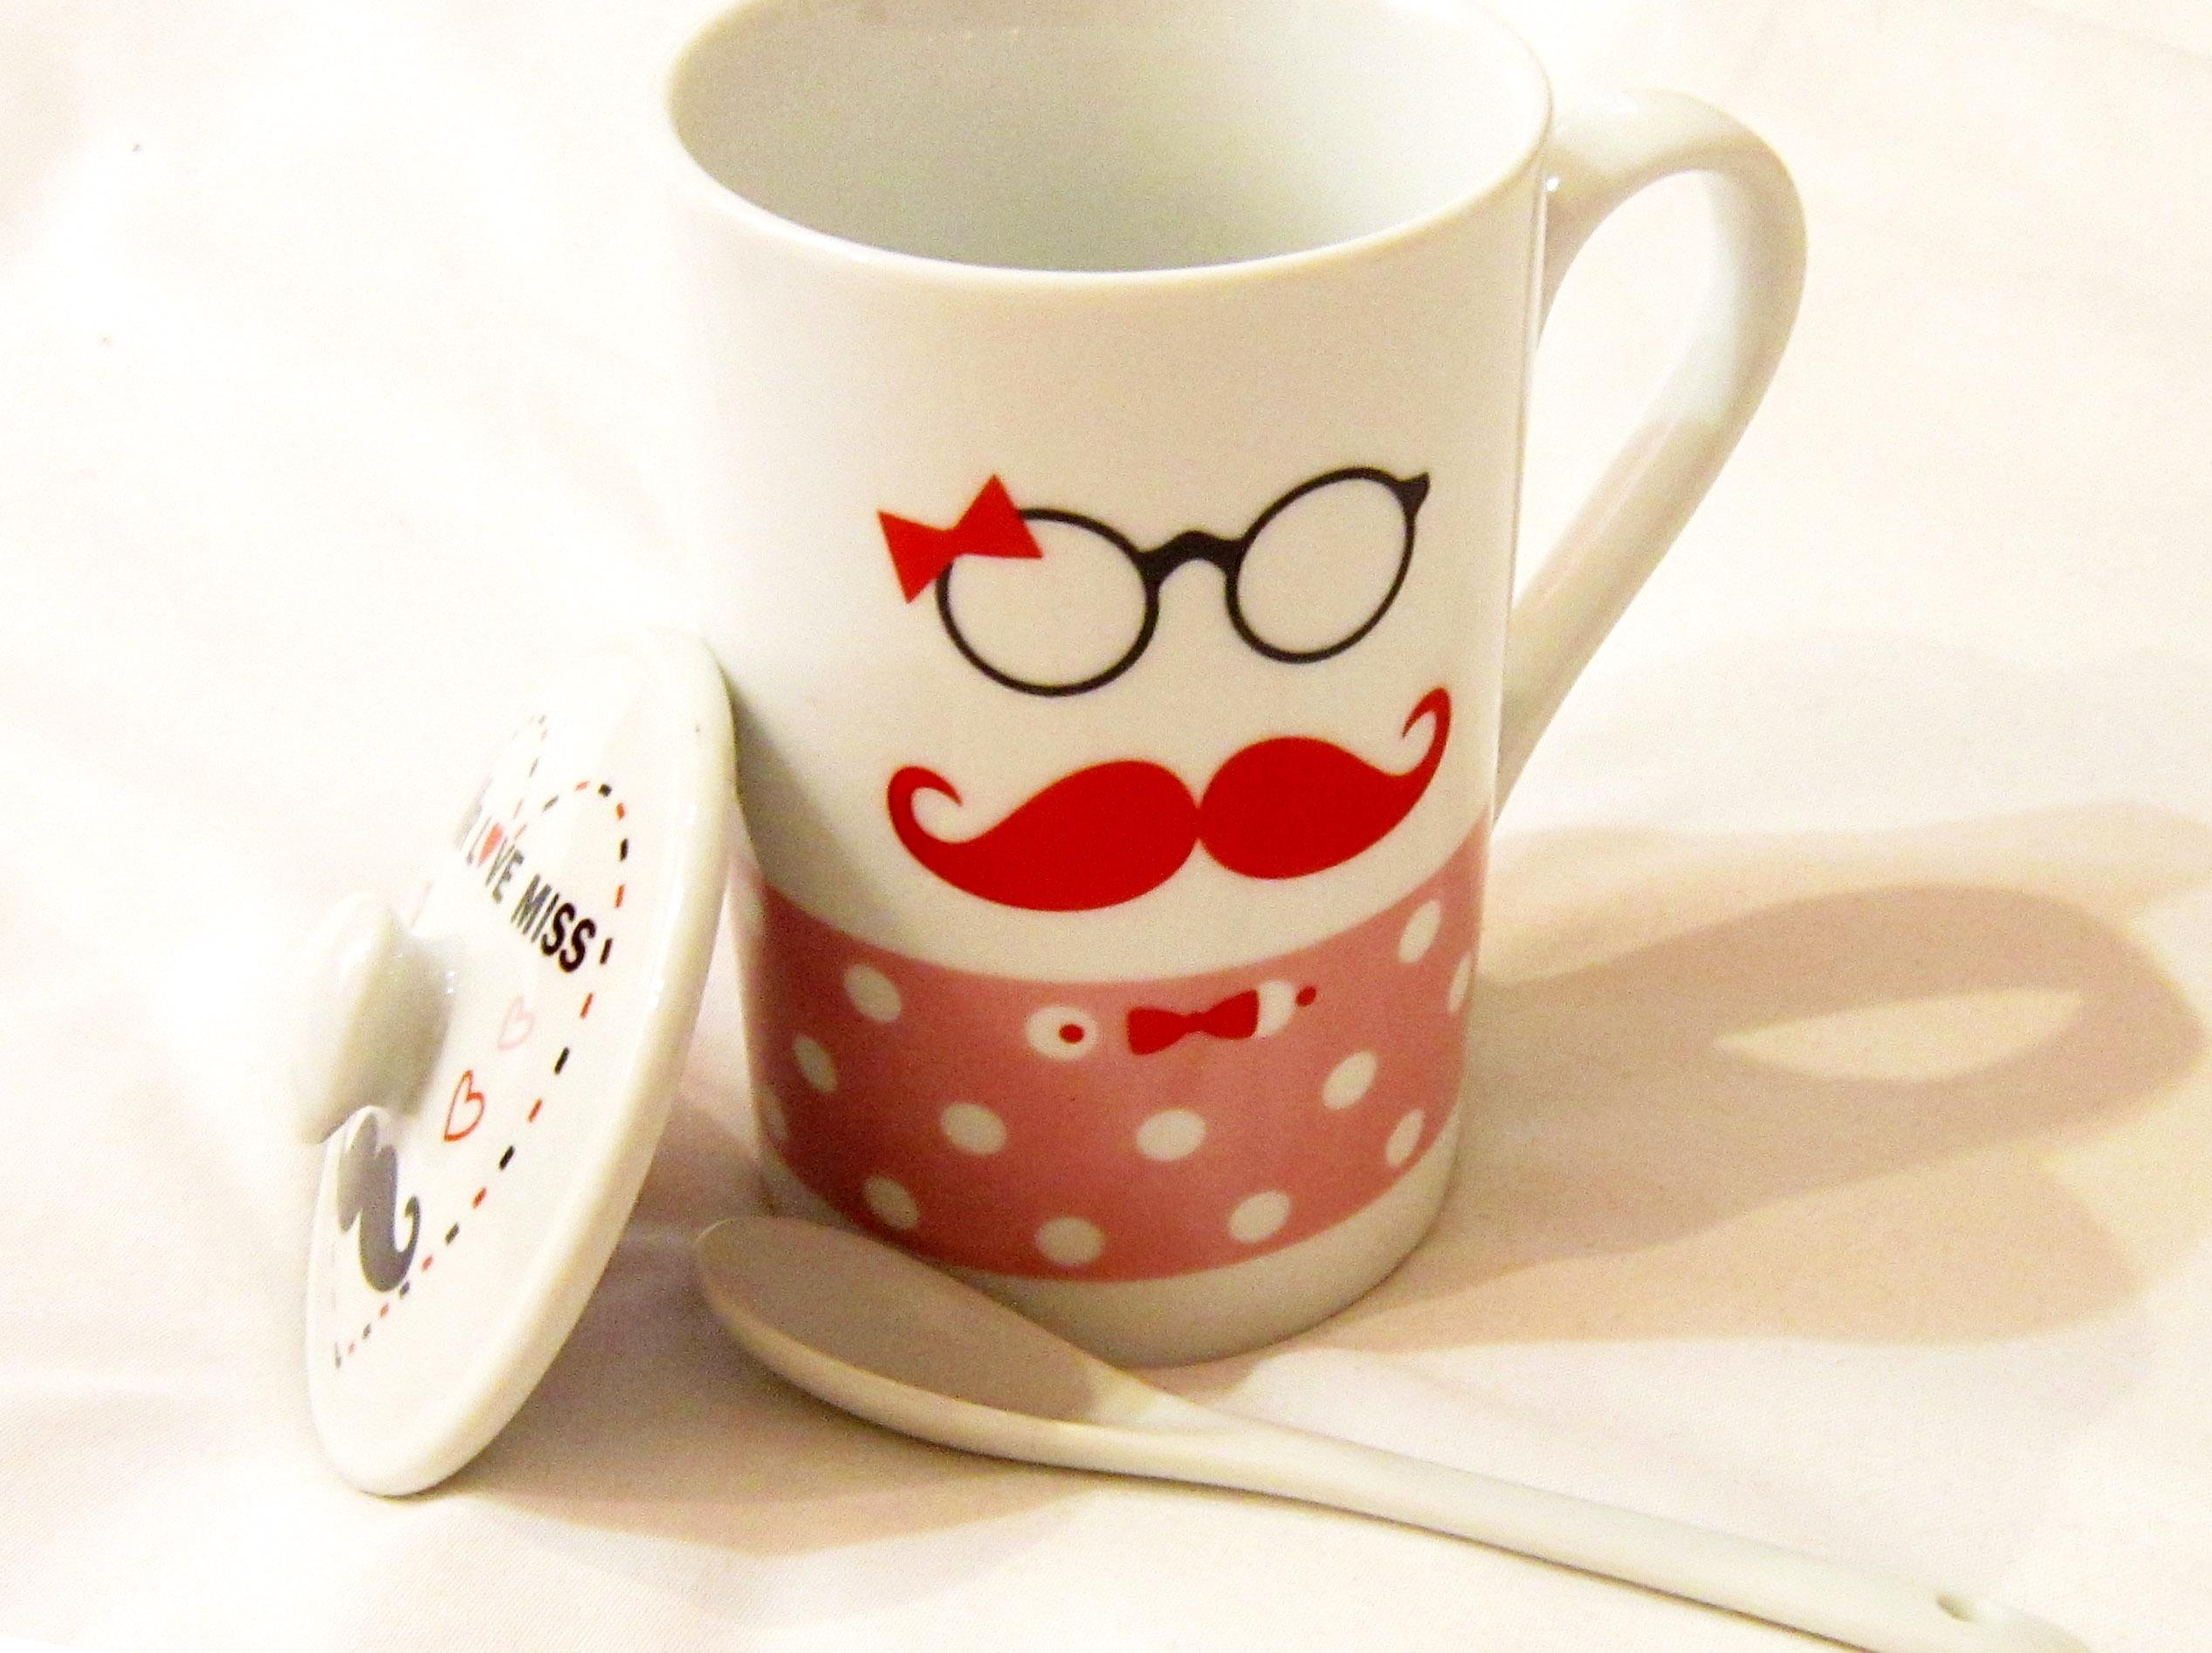 ceramic-mug-of-sibel-design